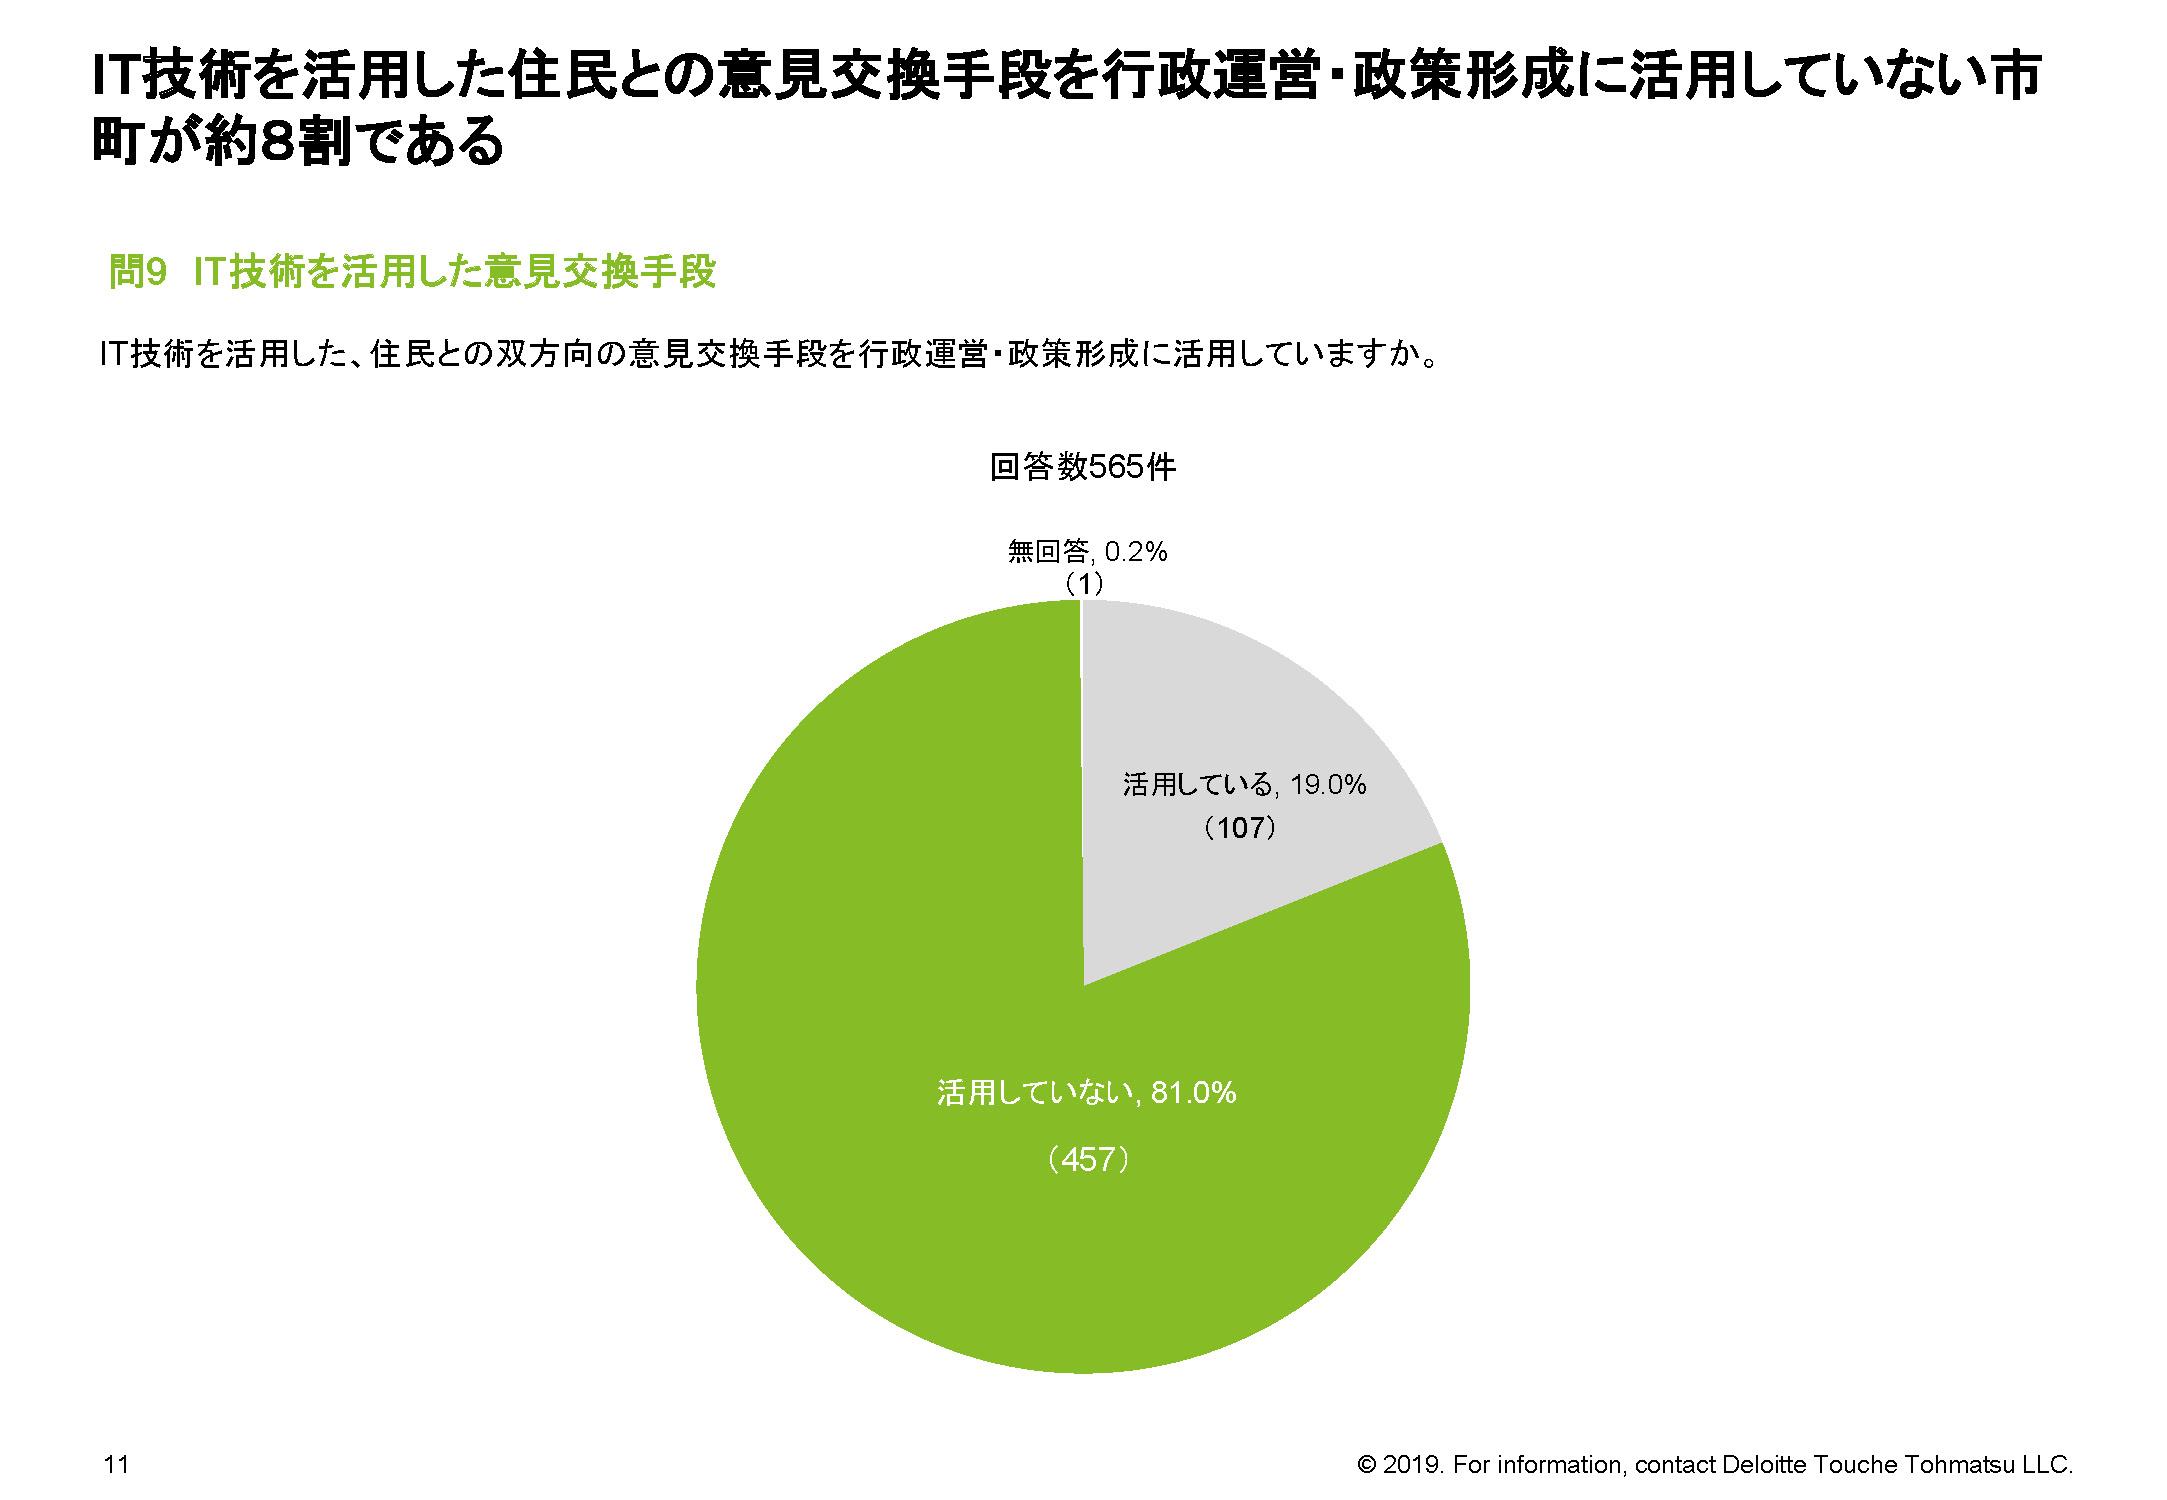 IT技術を活用した住民との意見交換手段を行政運営・政策形成に活用していない市町が約8割である